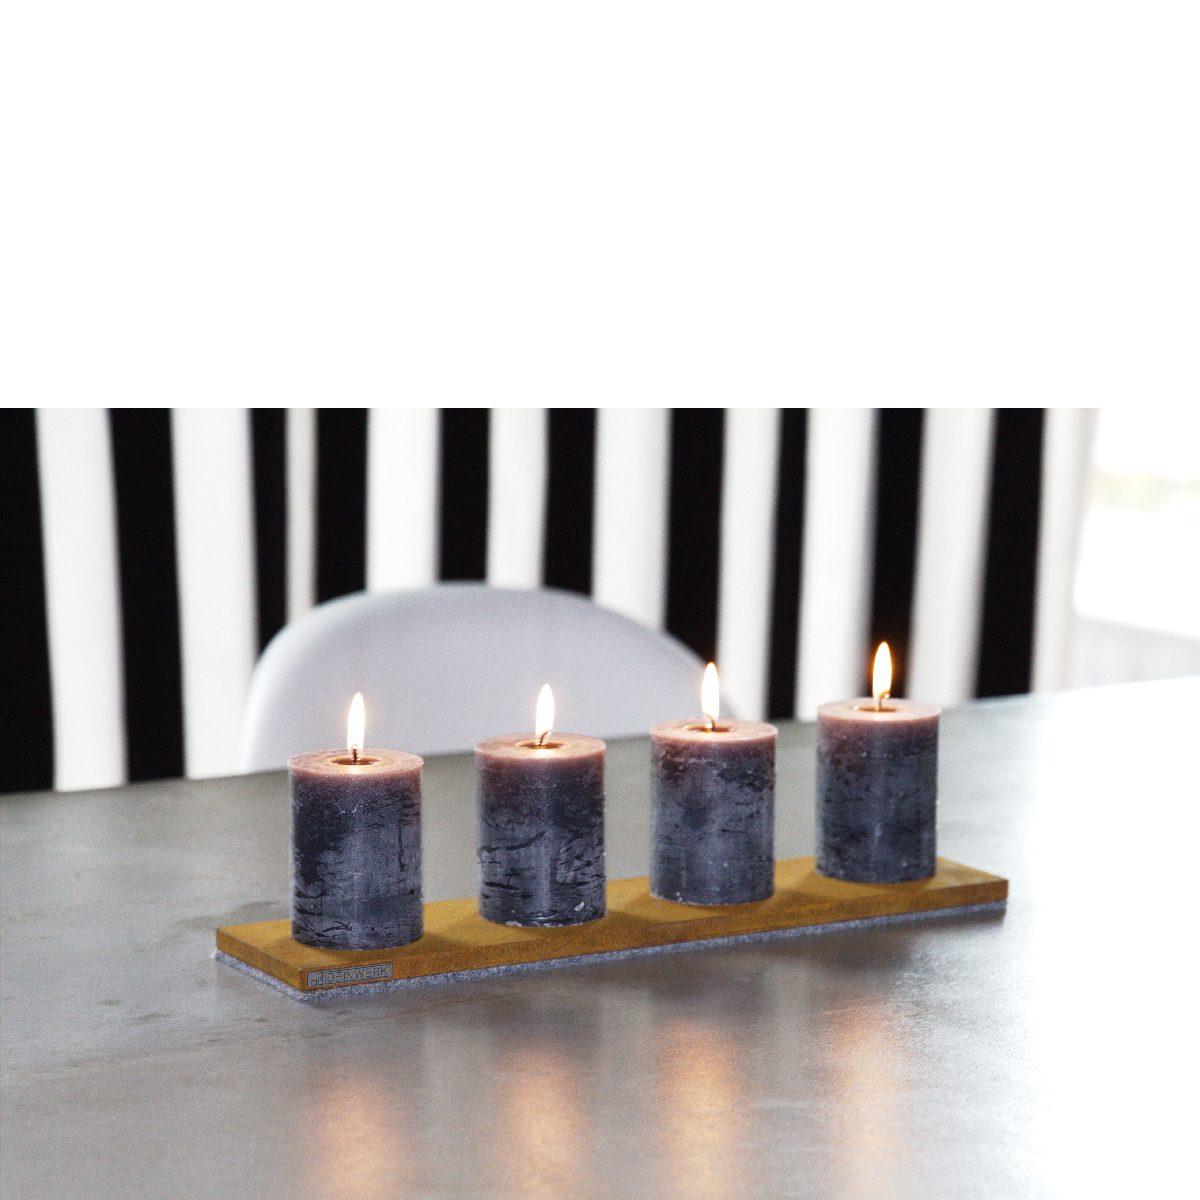 Full Size of Holzlege Cortenstahl Kerzenstnder Aus Candleplate Wohnzimmer Holzlege Cortenstahl